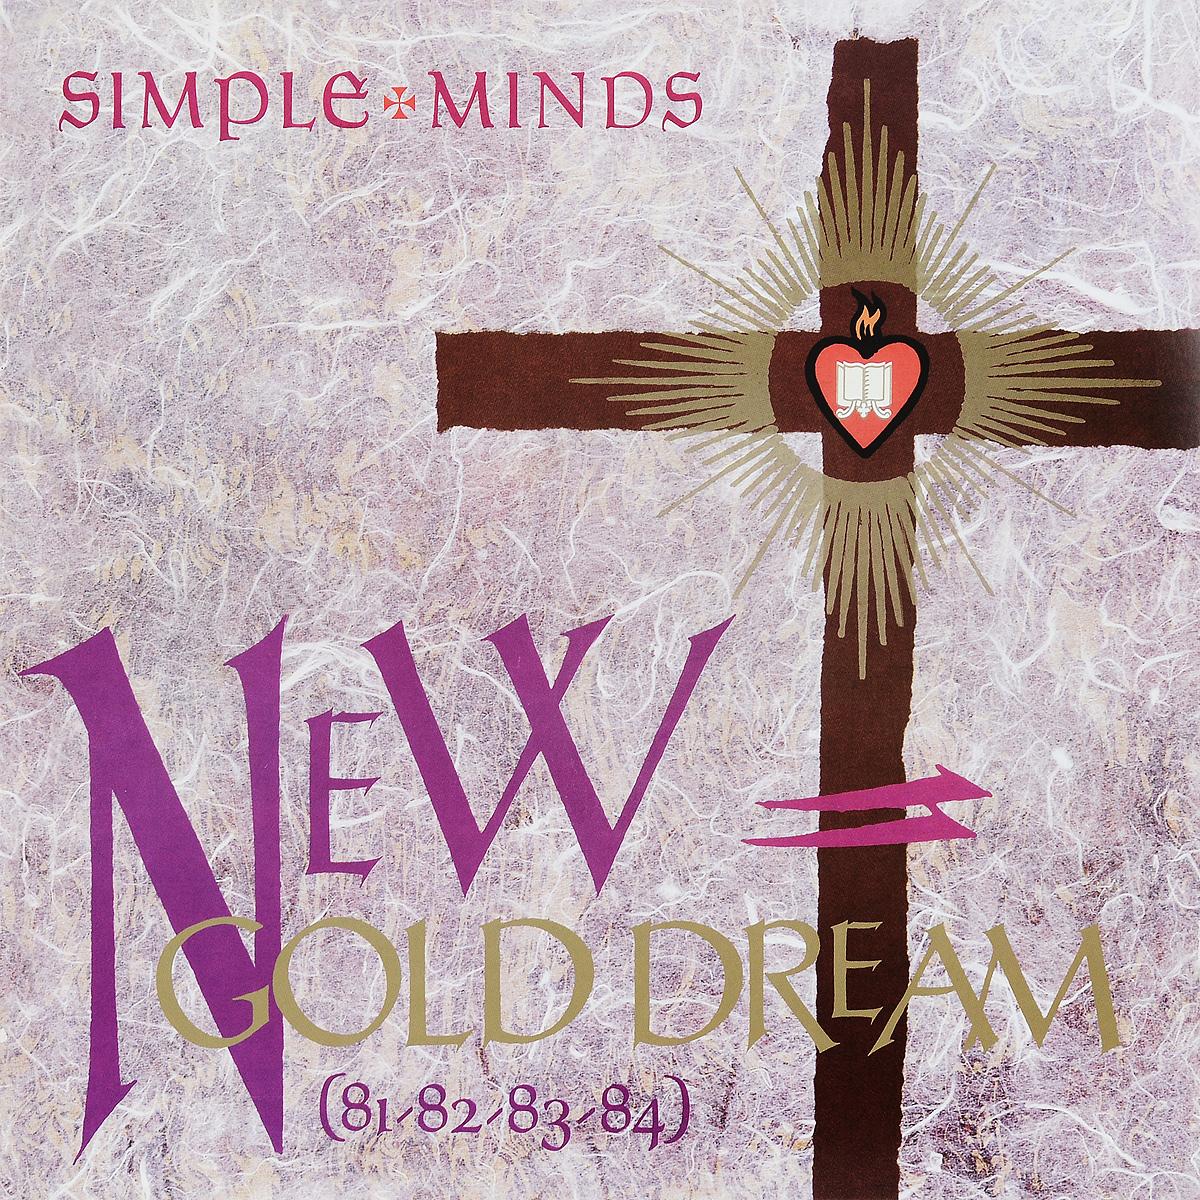 Simple Minds Simple Minds. New Gold Dream (81-82-83-84) (LP) simple minds simple minds new gold dream 81 82 83 84 half speed vinyl